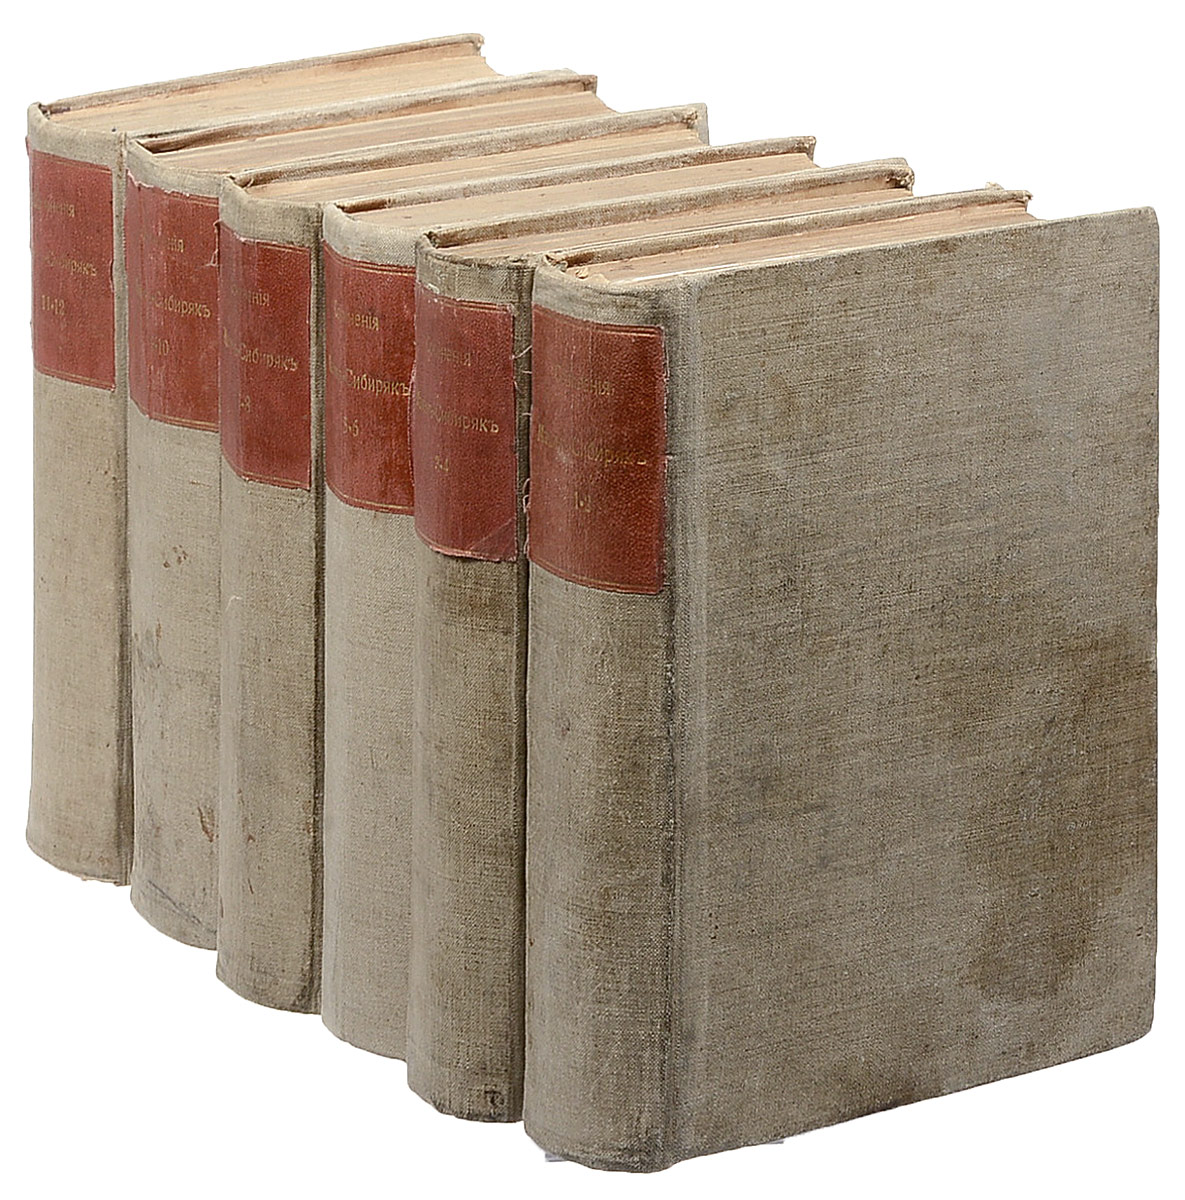 Д. Н. Мамин-Сибиряк. Полное собрание сочинений в 12 томах (комплект из 6 книг)